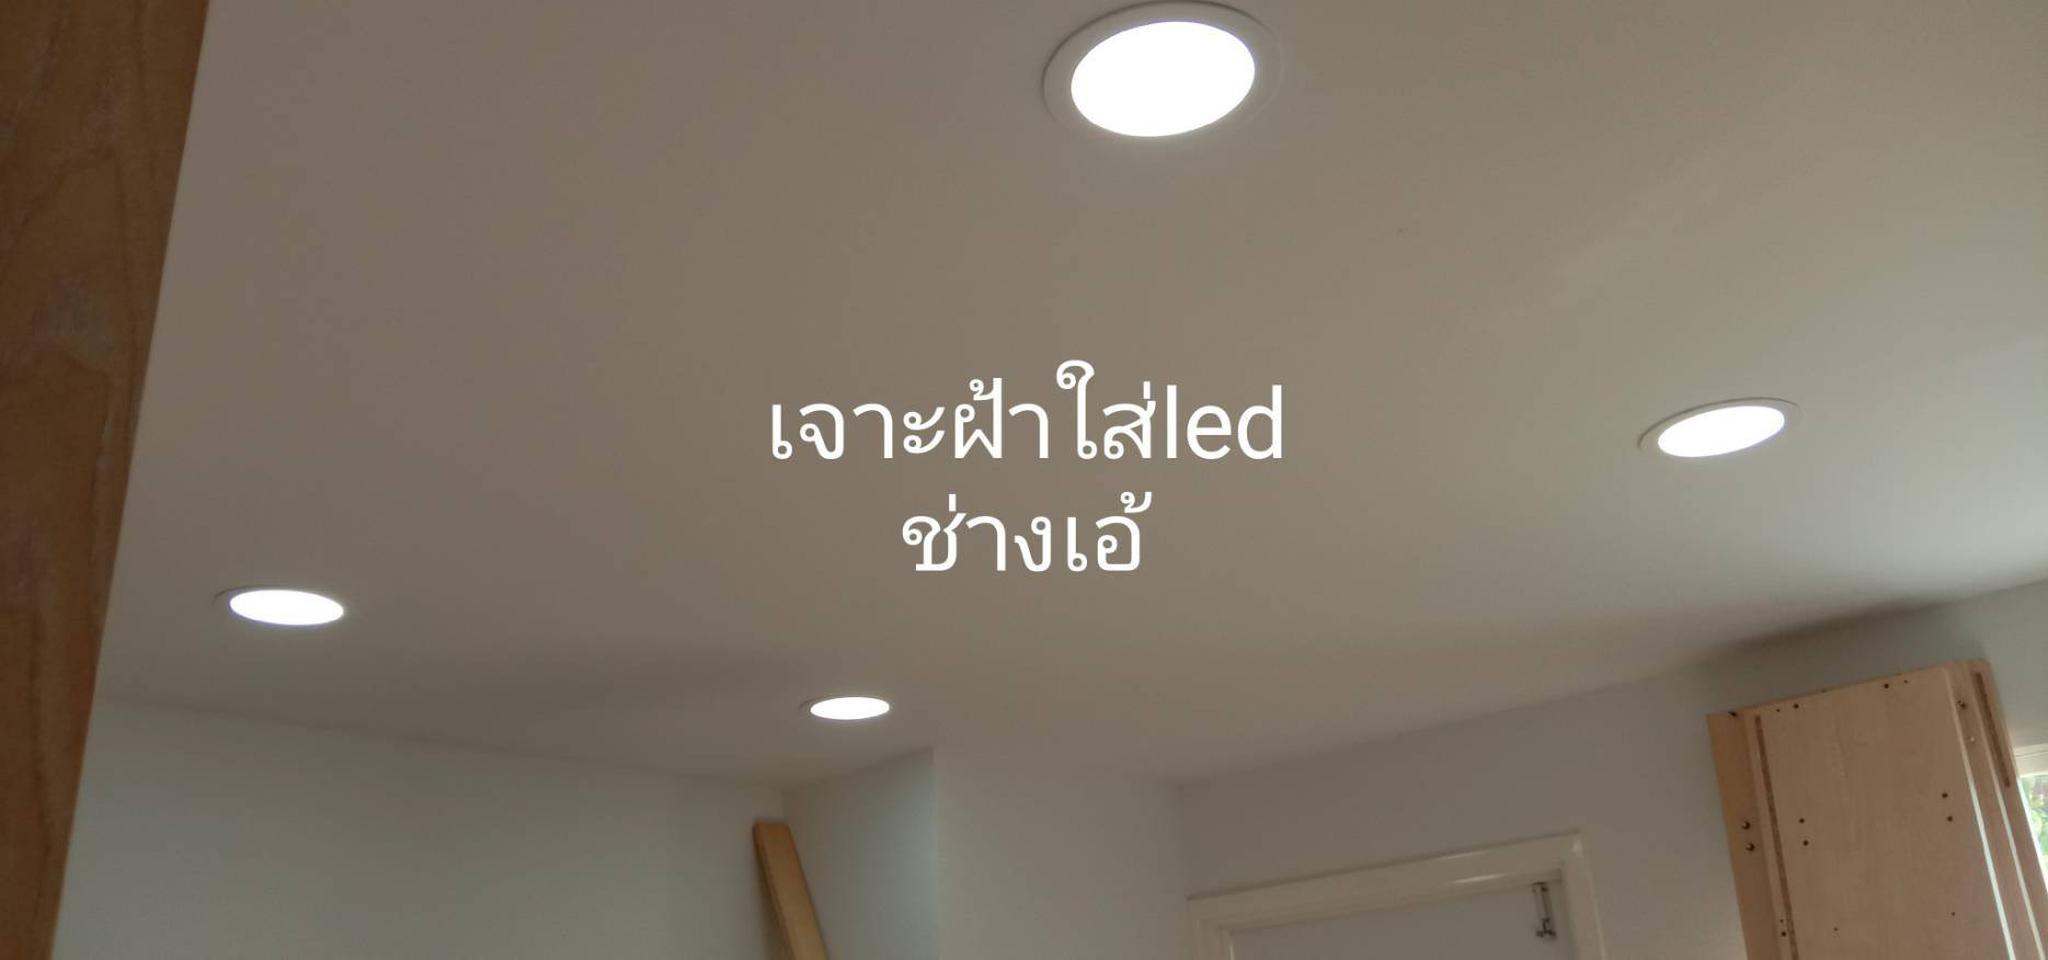 ช่างประปาไฟฟ้านนทบุรี ไทรน้อย ศาลายา ปากเกร็ด รูปที่ 2